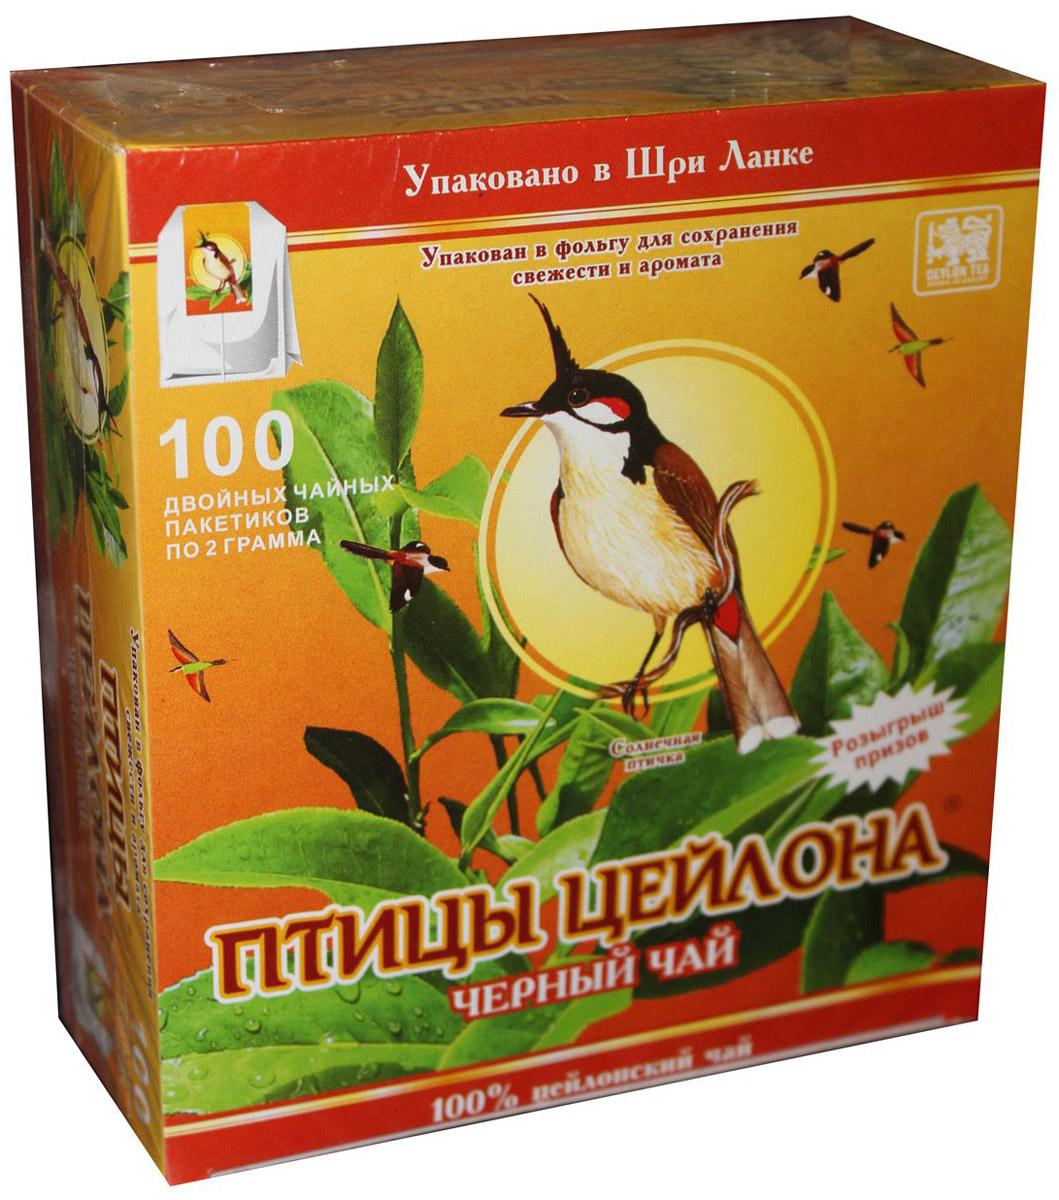 Птицы Цейлона Солнечная птичка чай черный в пакетиках, 100 шт4792219600237Птицы Цейлона Солнечная птичка - 100% черный цейлонский байховый мелколистовой чай в пакетиках. Способ применения: один пакетик на одну чашку напитка залить кипяченой водой, настаивать 3-5 минут. В упаковке 100 двойных чайных пакетиков по 2 грамма.